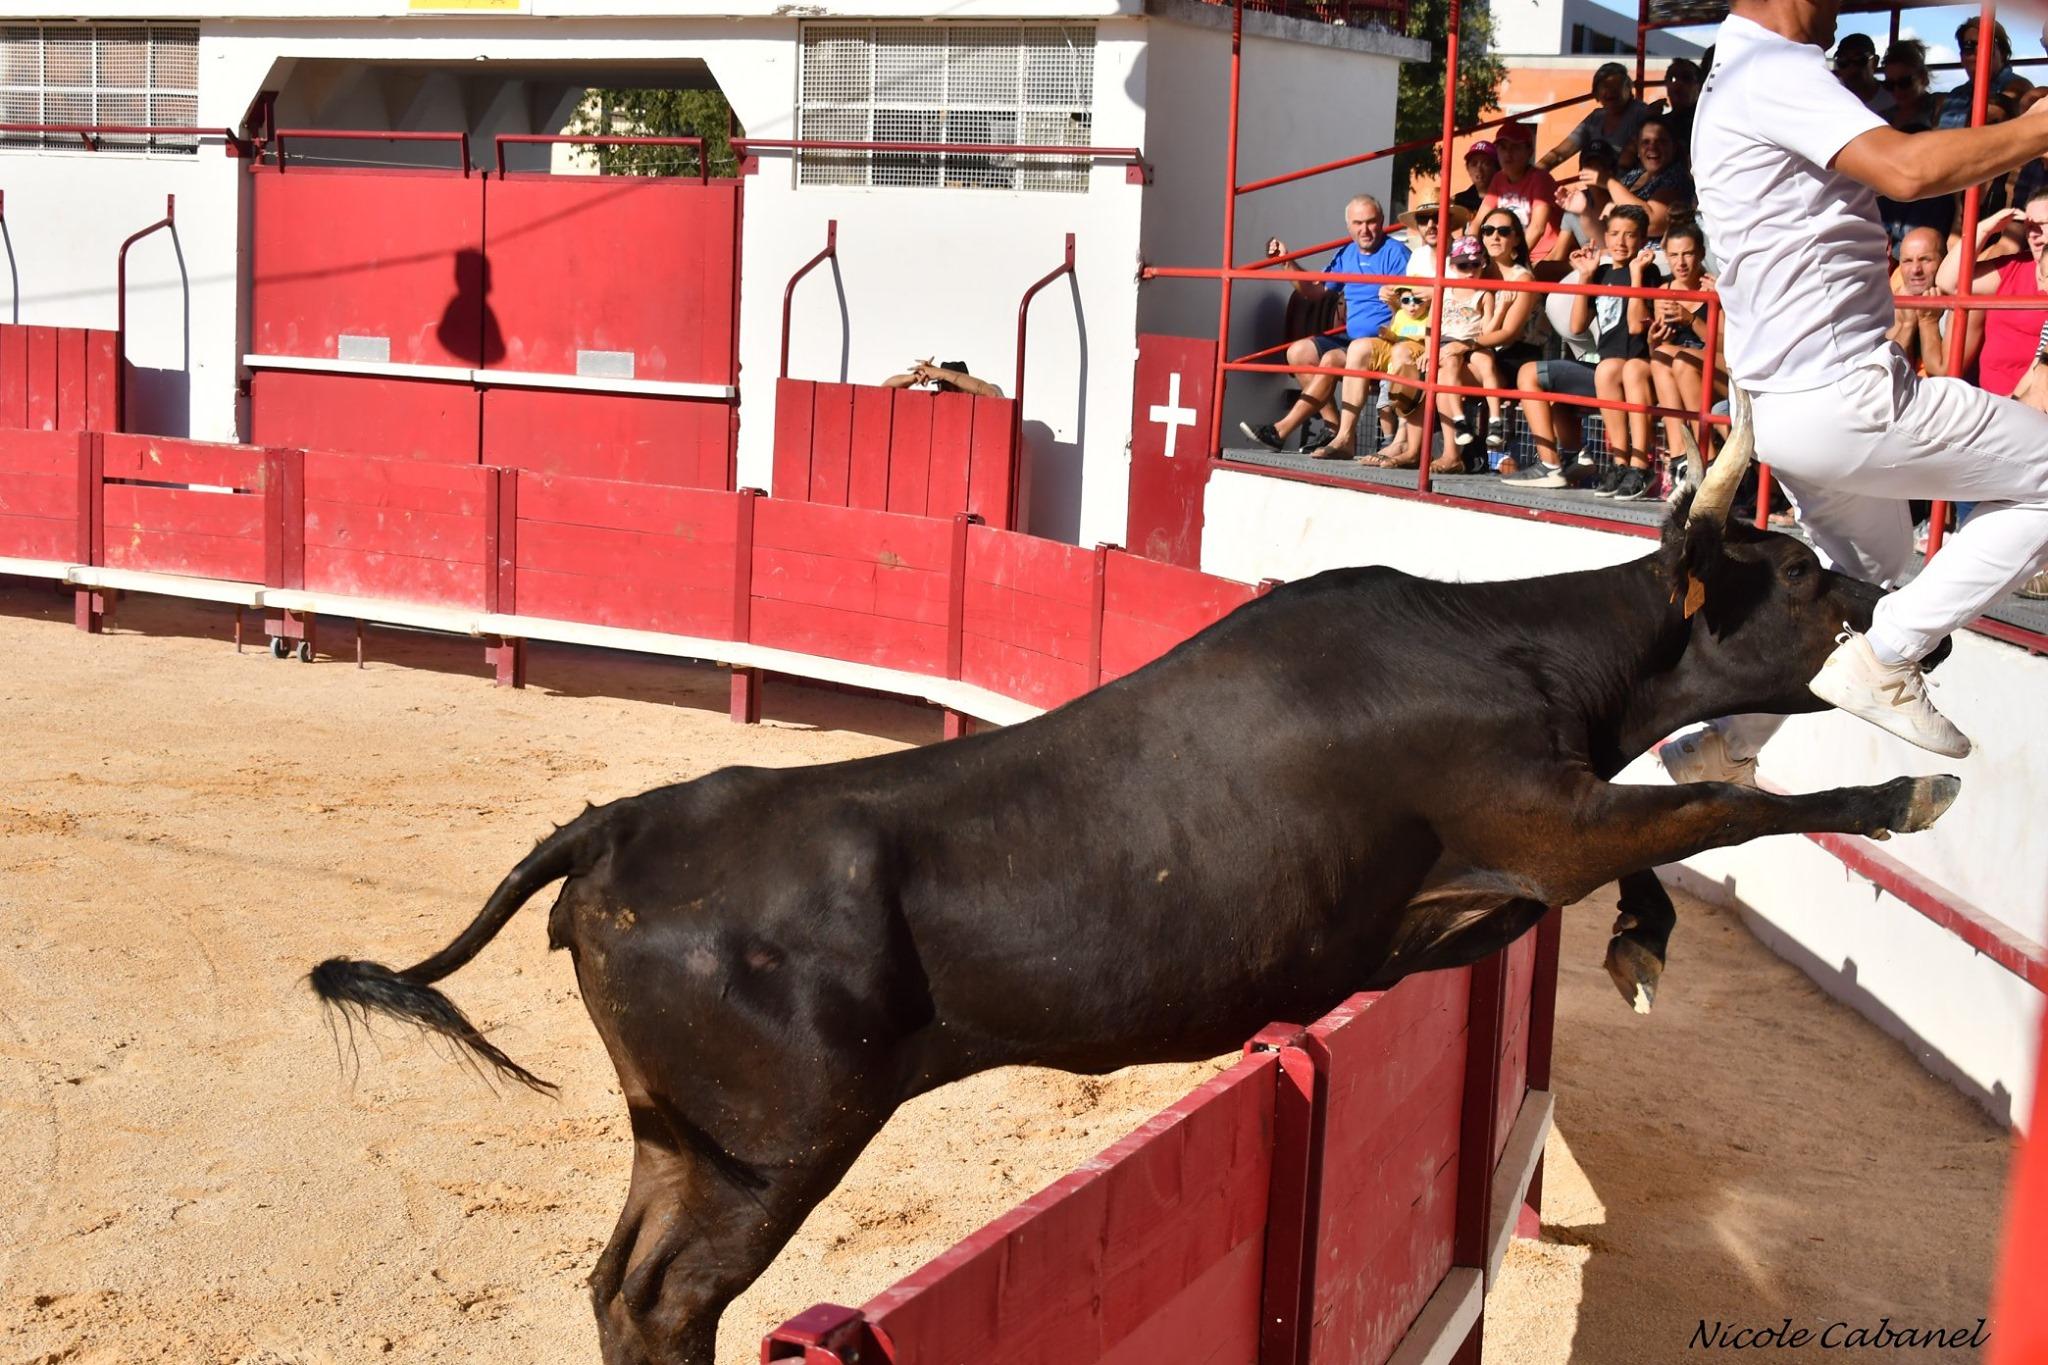 Mamille vache manade Chaballier coup de barrière raseteur arènes tradition raseteur